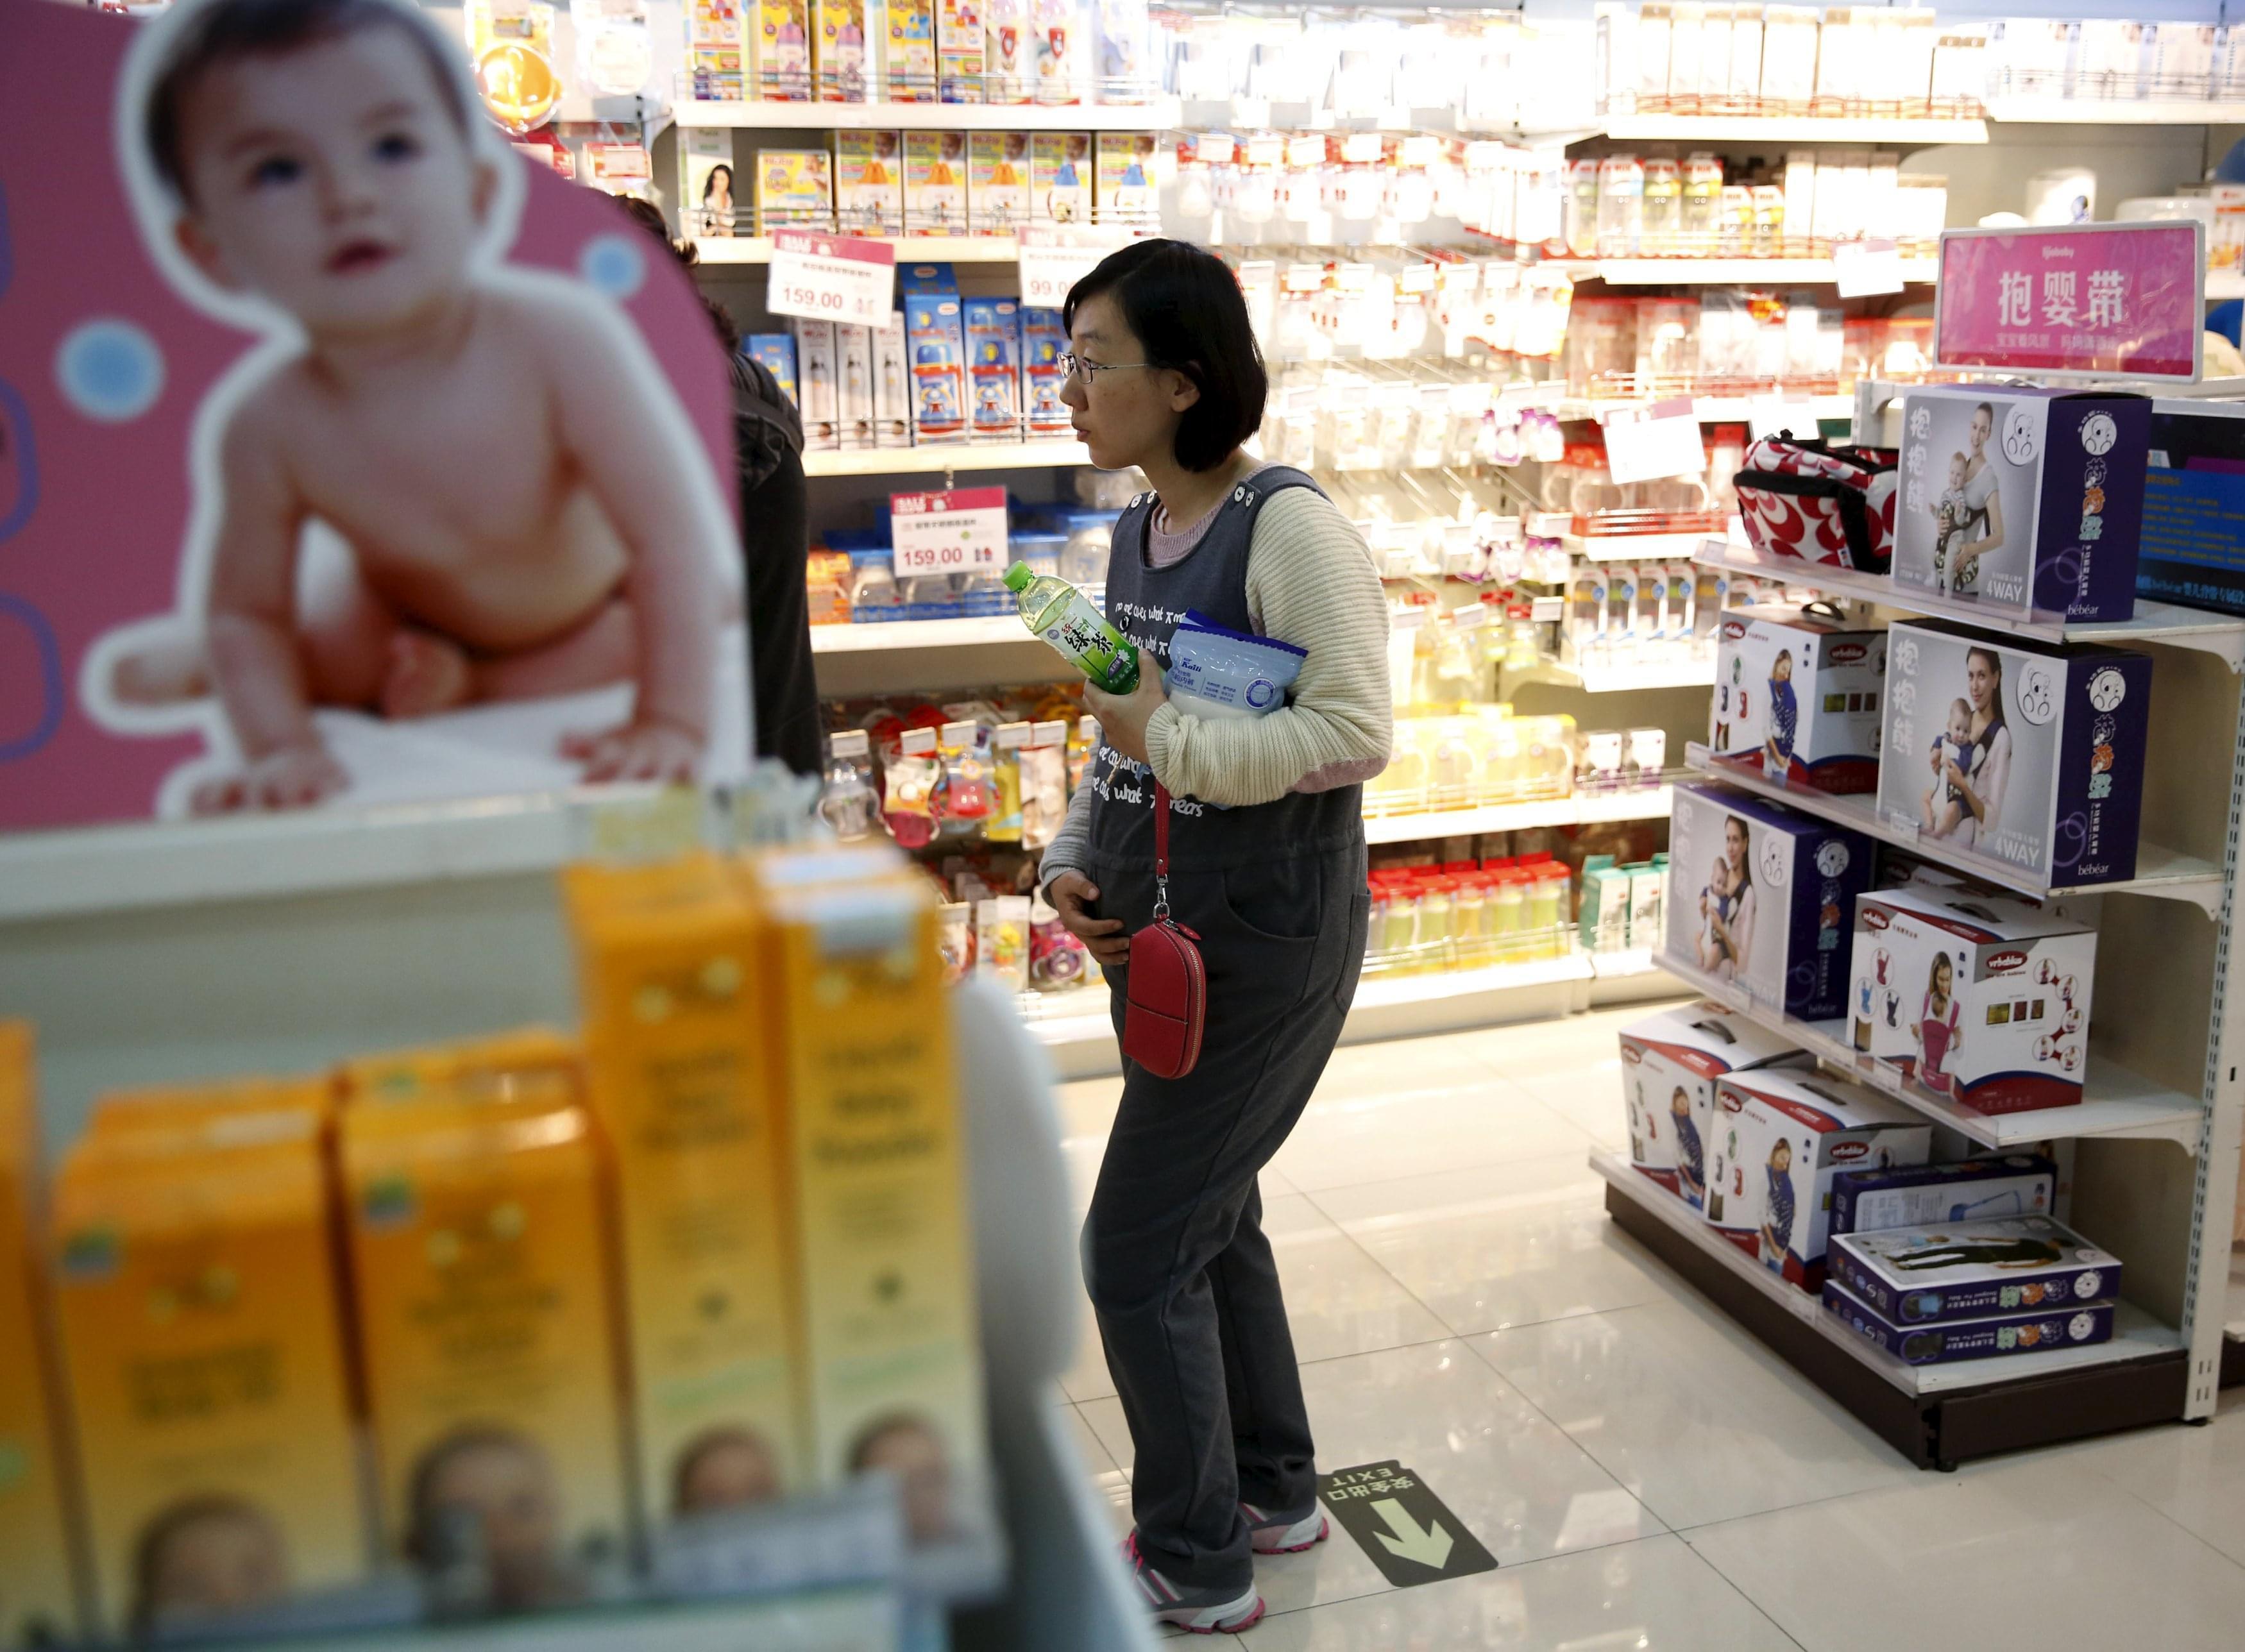 2015年10月30日,北京,一位准妈妈在商店内挑选育婴用品。/视觉中国